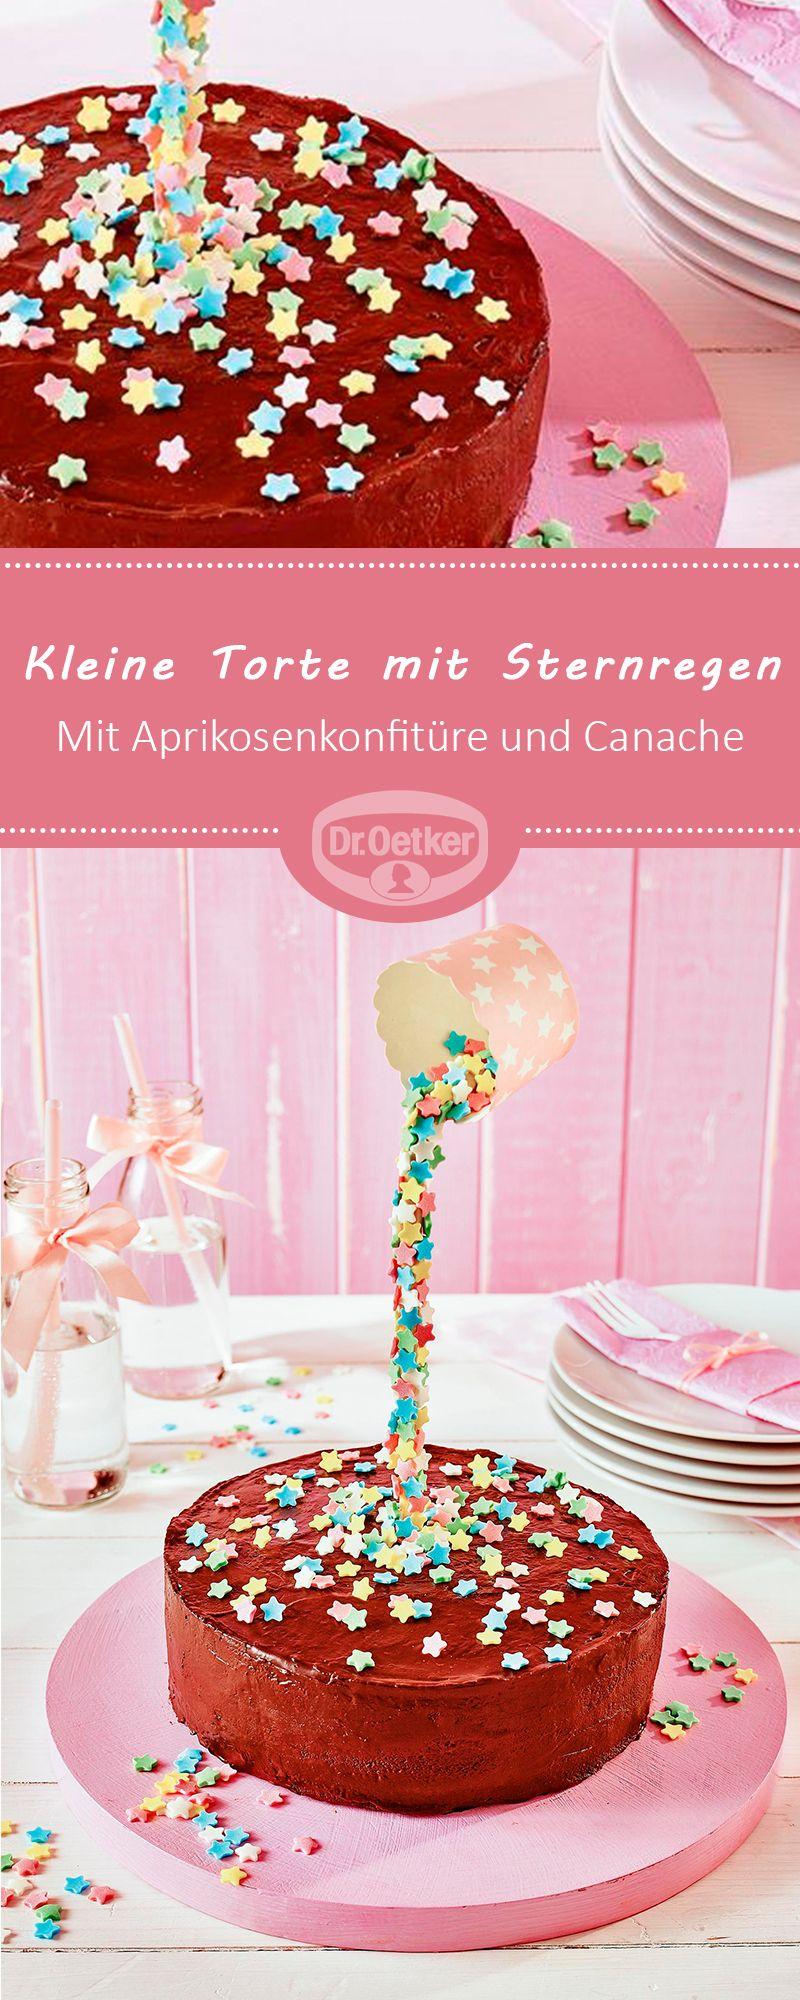 Kleine Torte Mit Sternregen Rezept In 2020 Kleiner Kuchen Kuchen Rezepte Ausgefallen Und Kuchen Und Torten